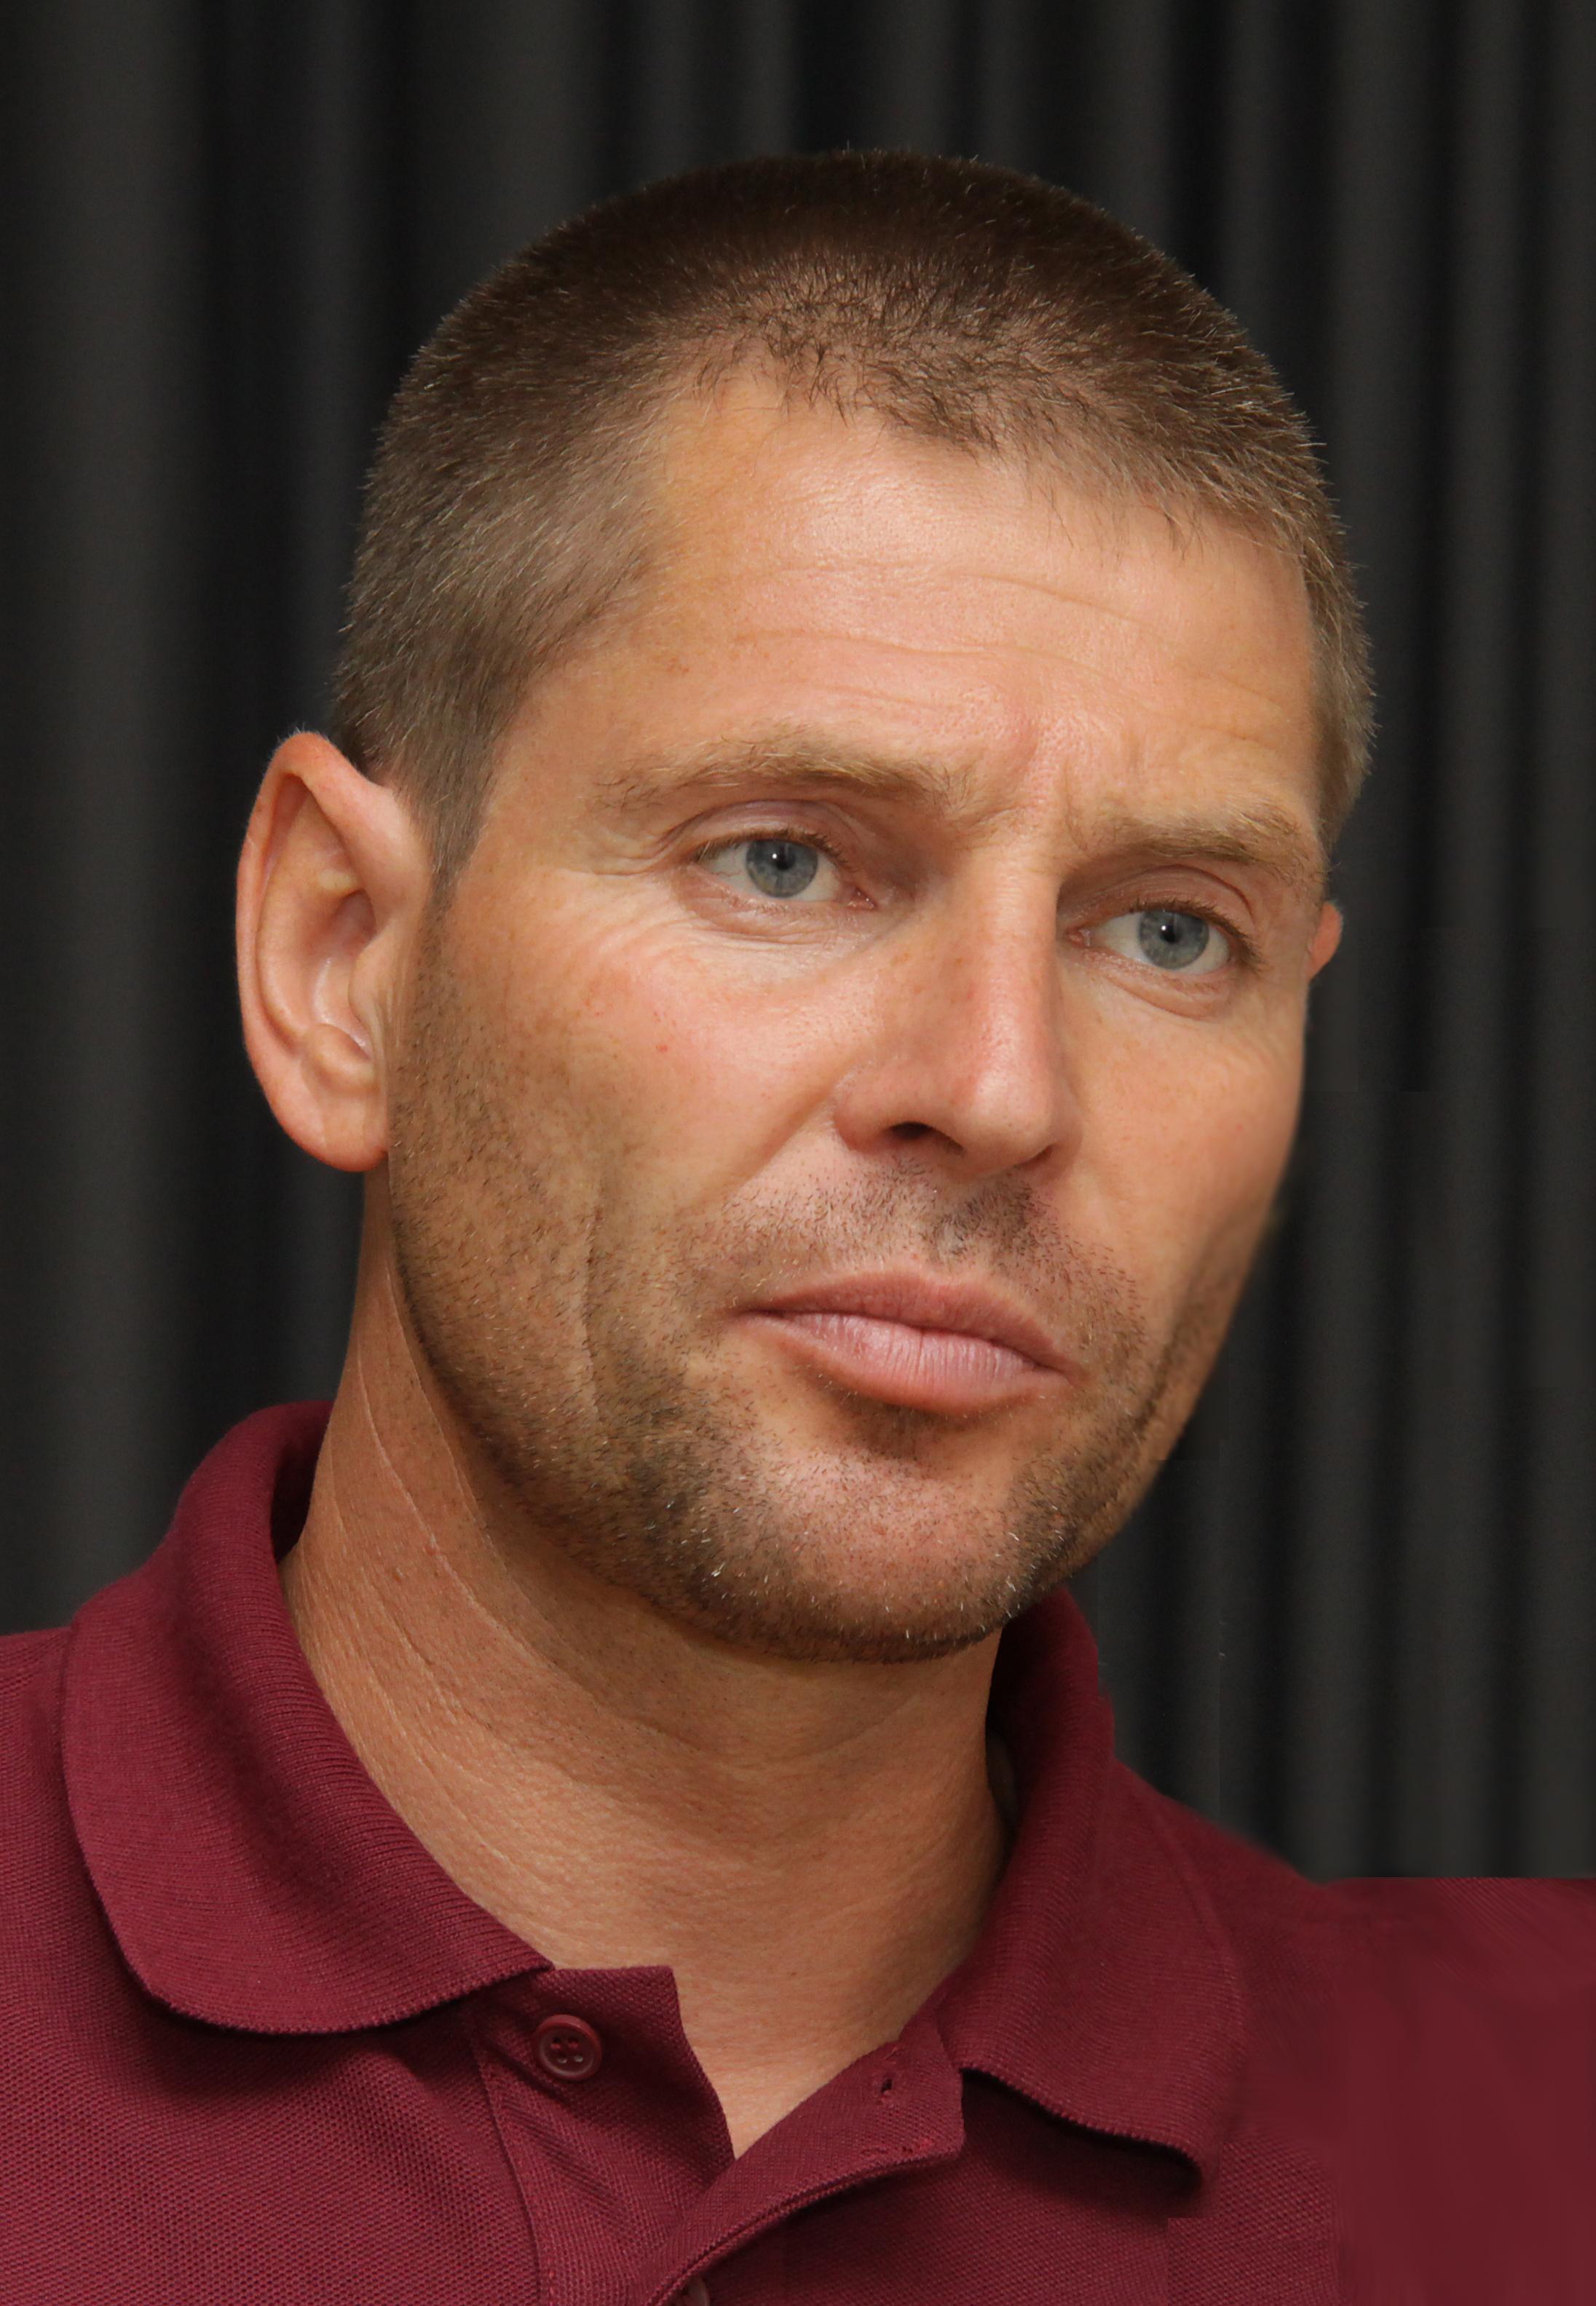 Arno Logar